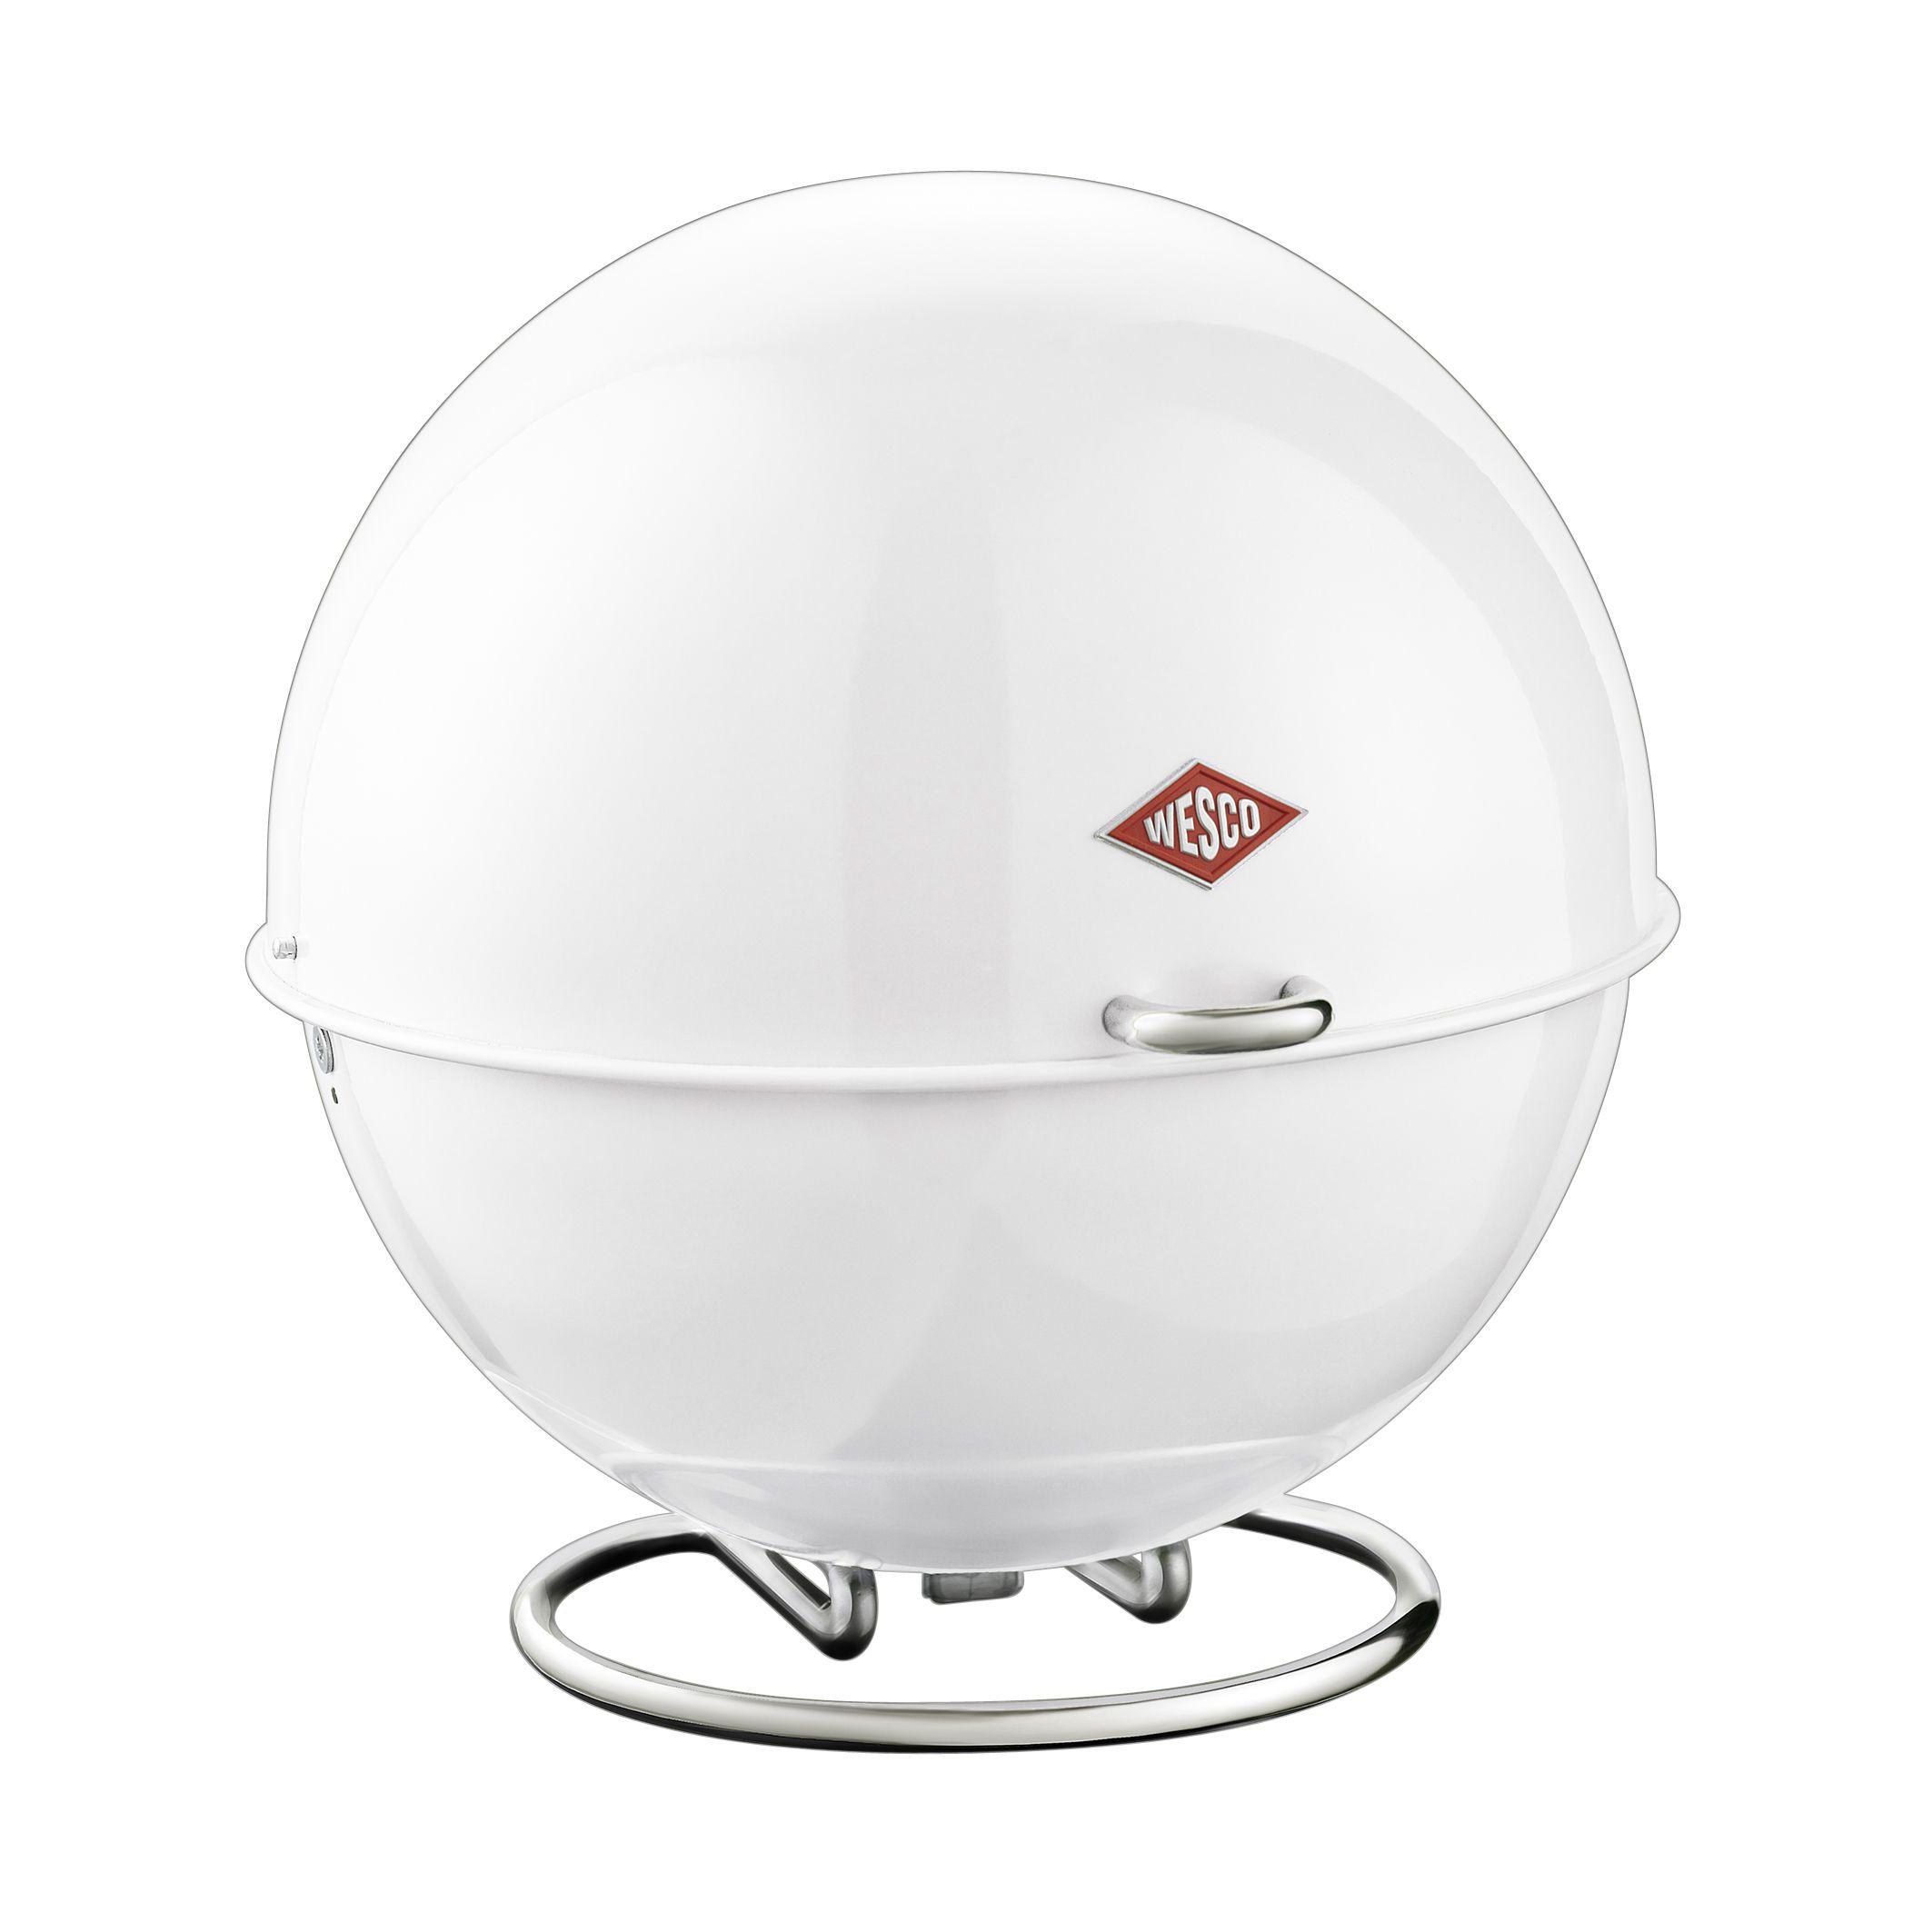 Aufbewahrung: Wesco, Superball, Maße Ø 26 cm, € 59 | Wesco ...